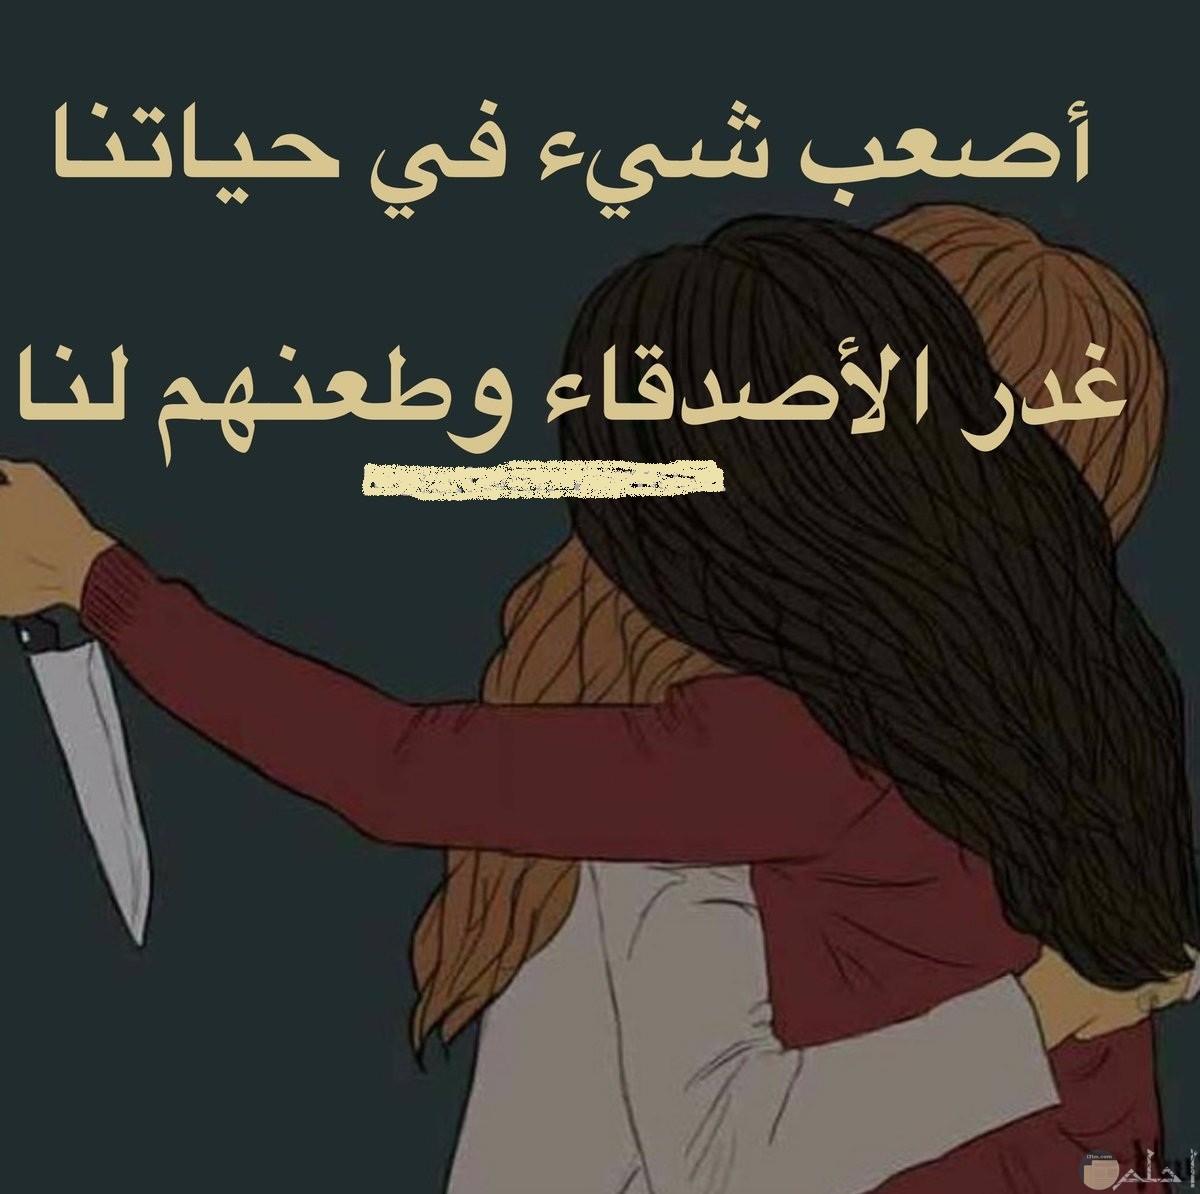 صورة صور لخيانة الصديق موسفة , بالصور خيانه الصديق 5849 6